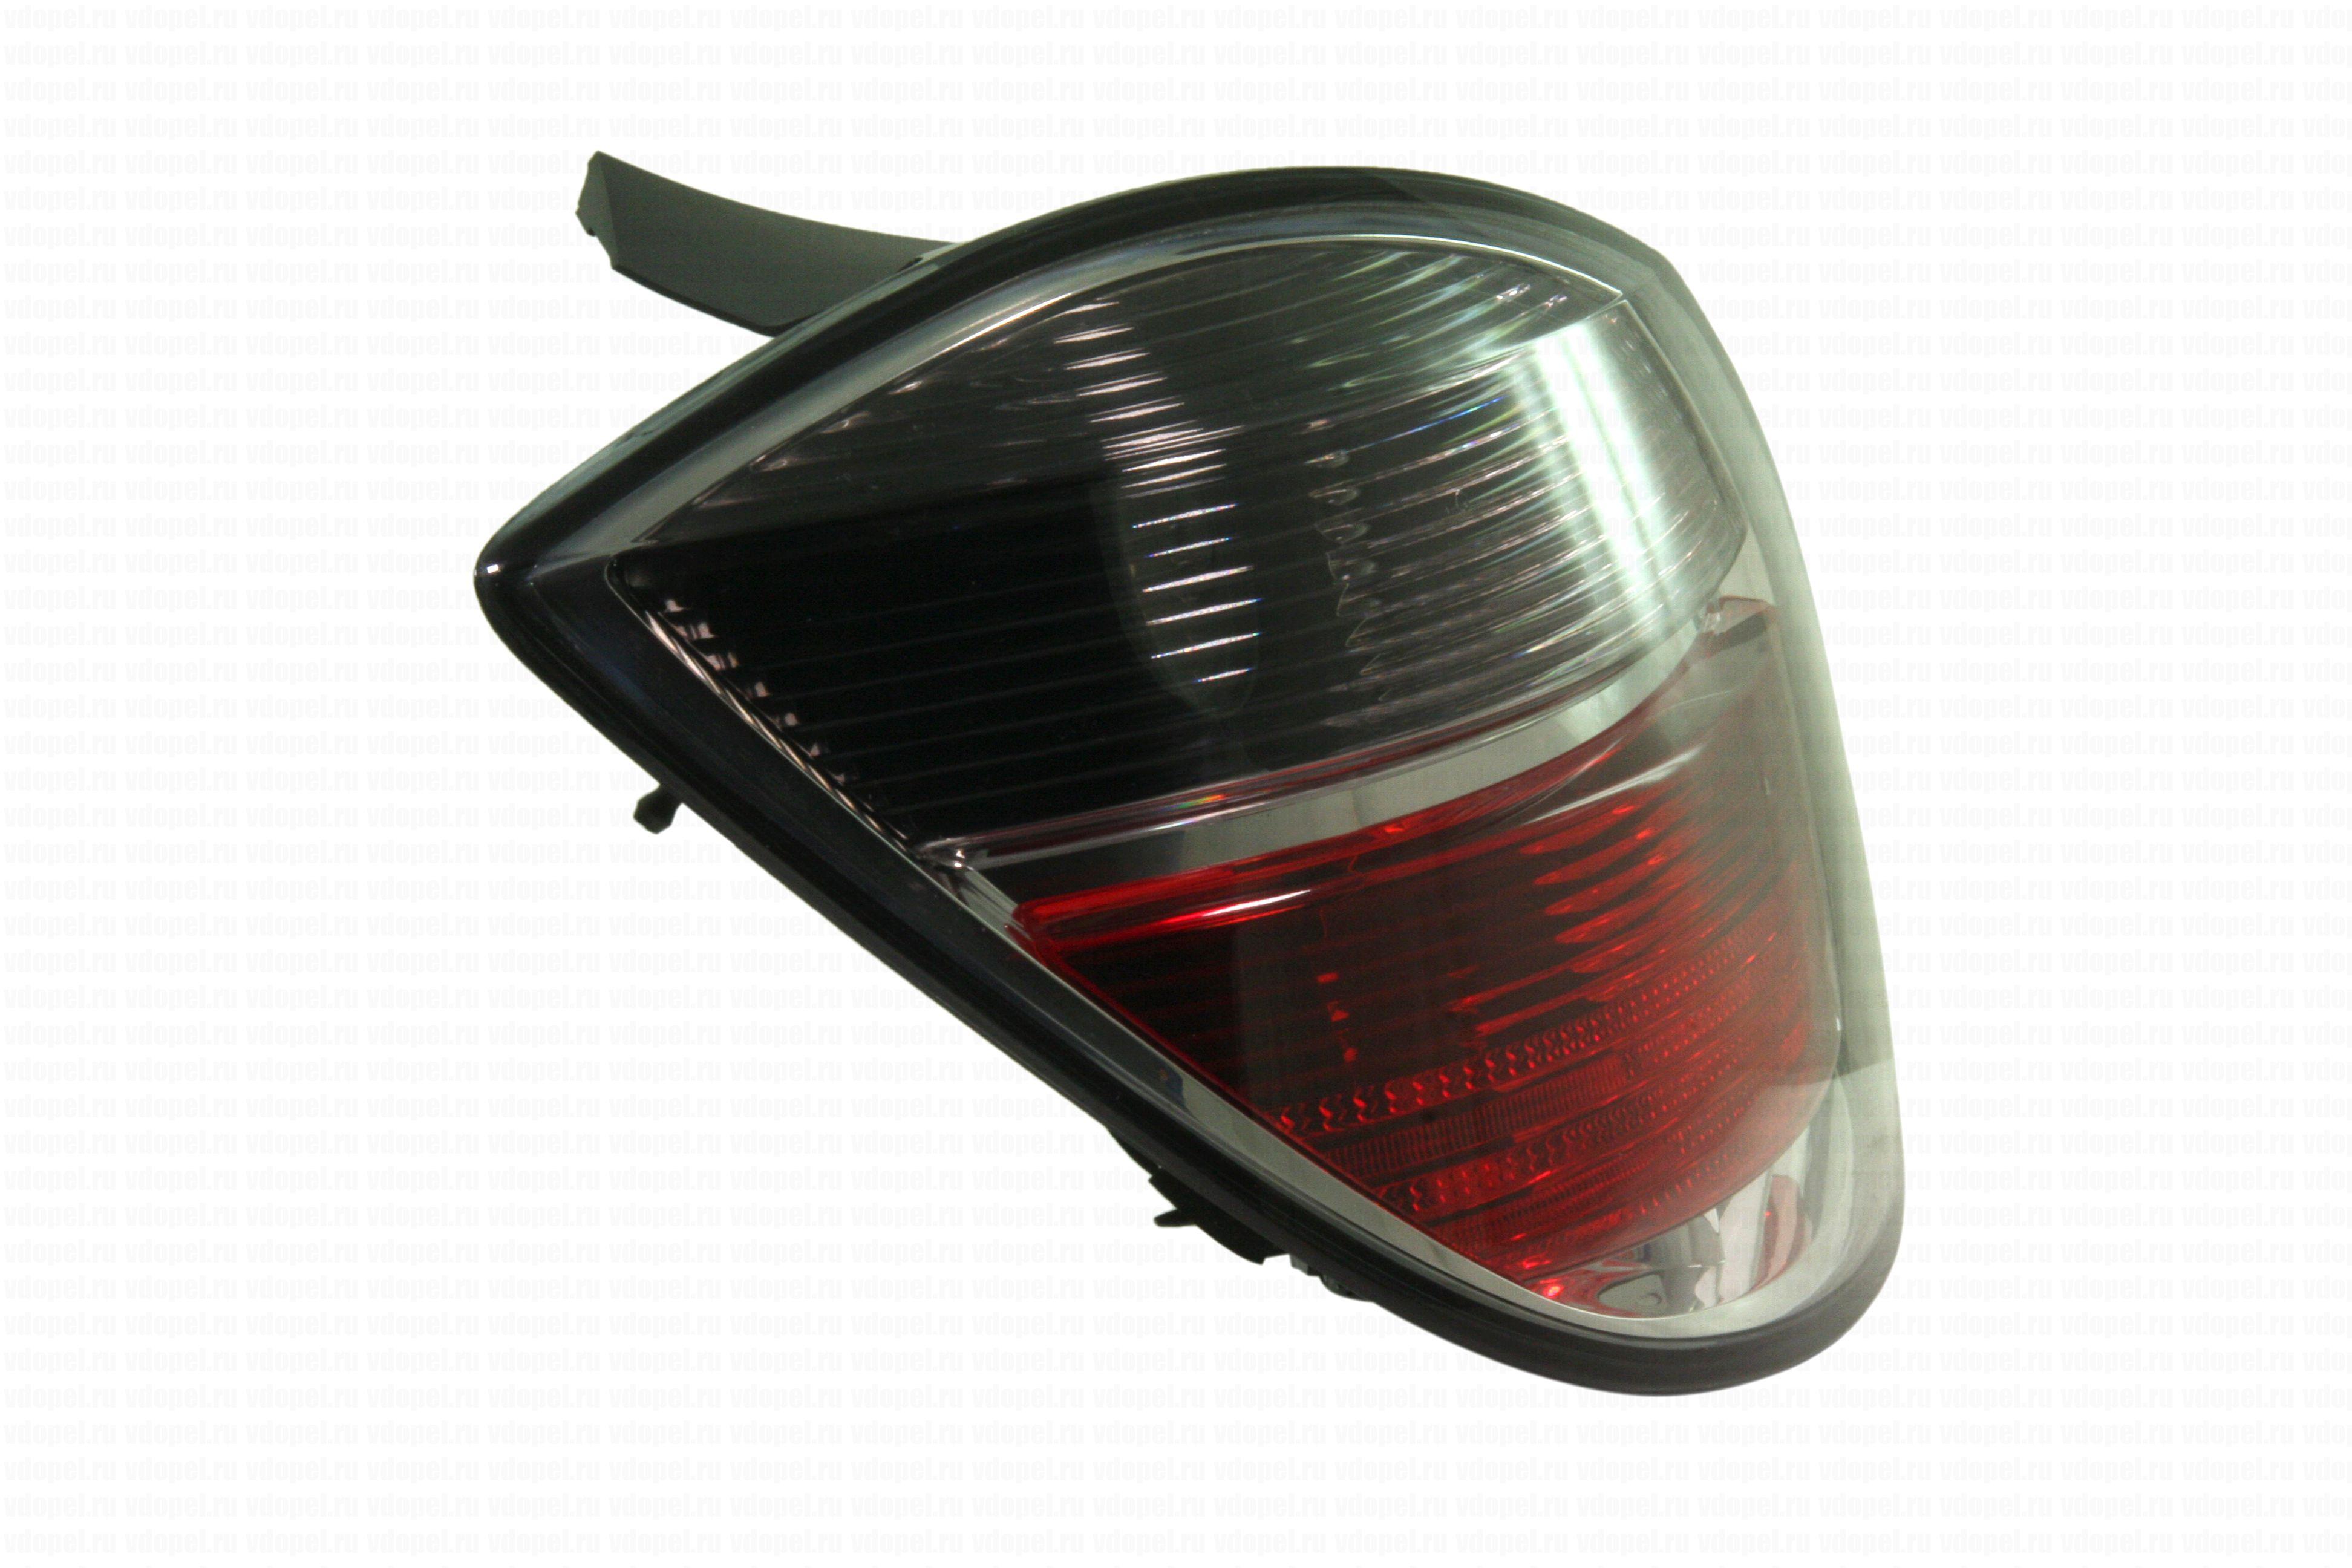 GM 13222324  - Фонарь задний Астра H 5дв. х/б 2007- GM лев.